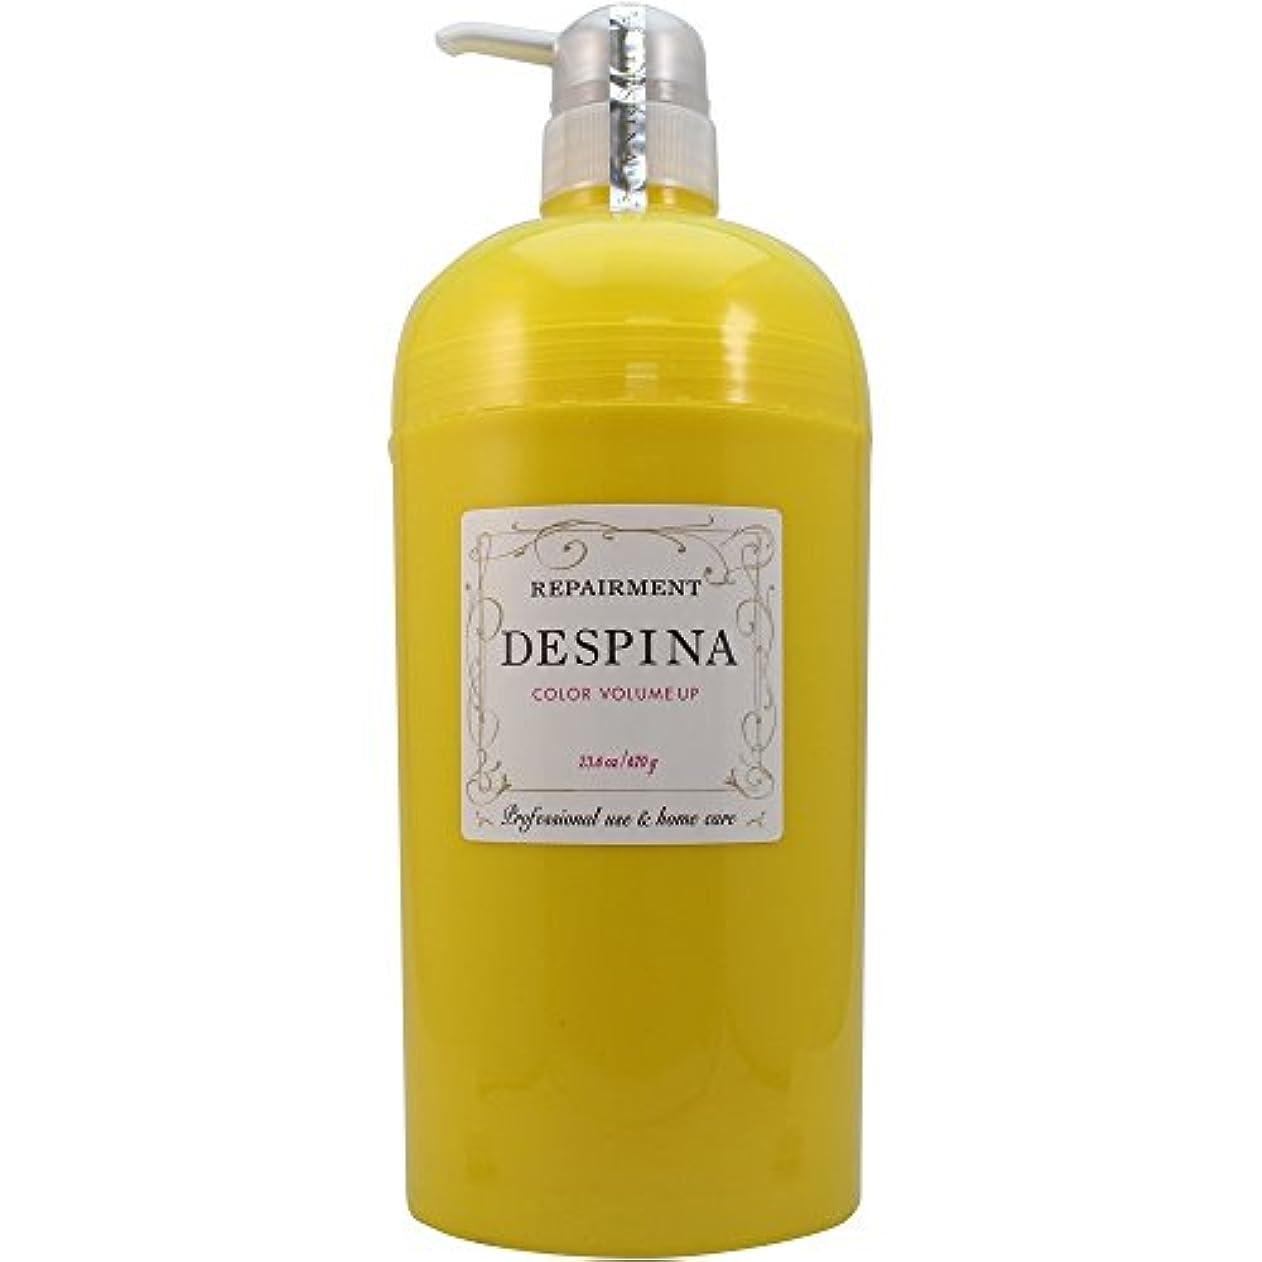 曖昧な誘発する行う中野製薬 デスピナ リペアメント カラー ボリュームアップ 670g